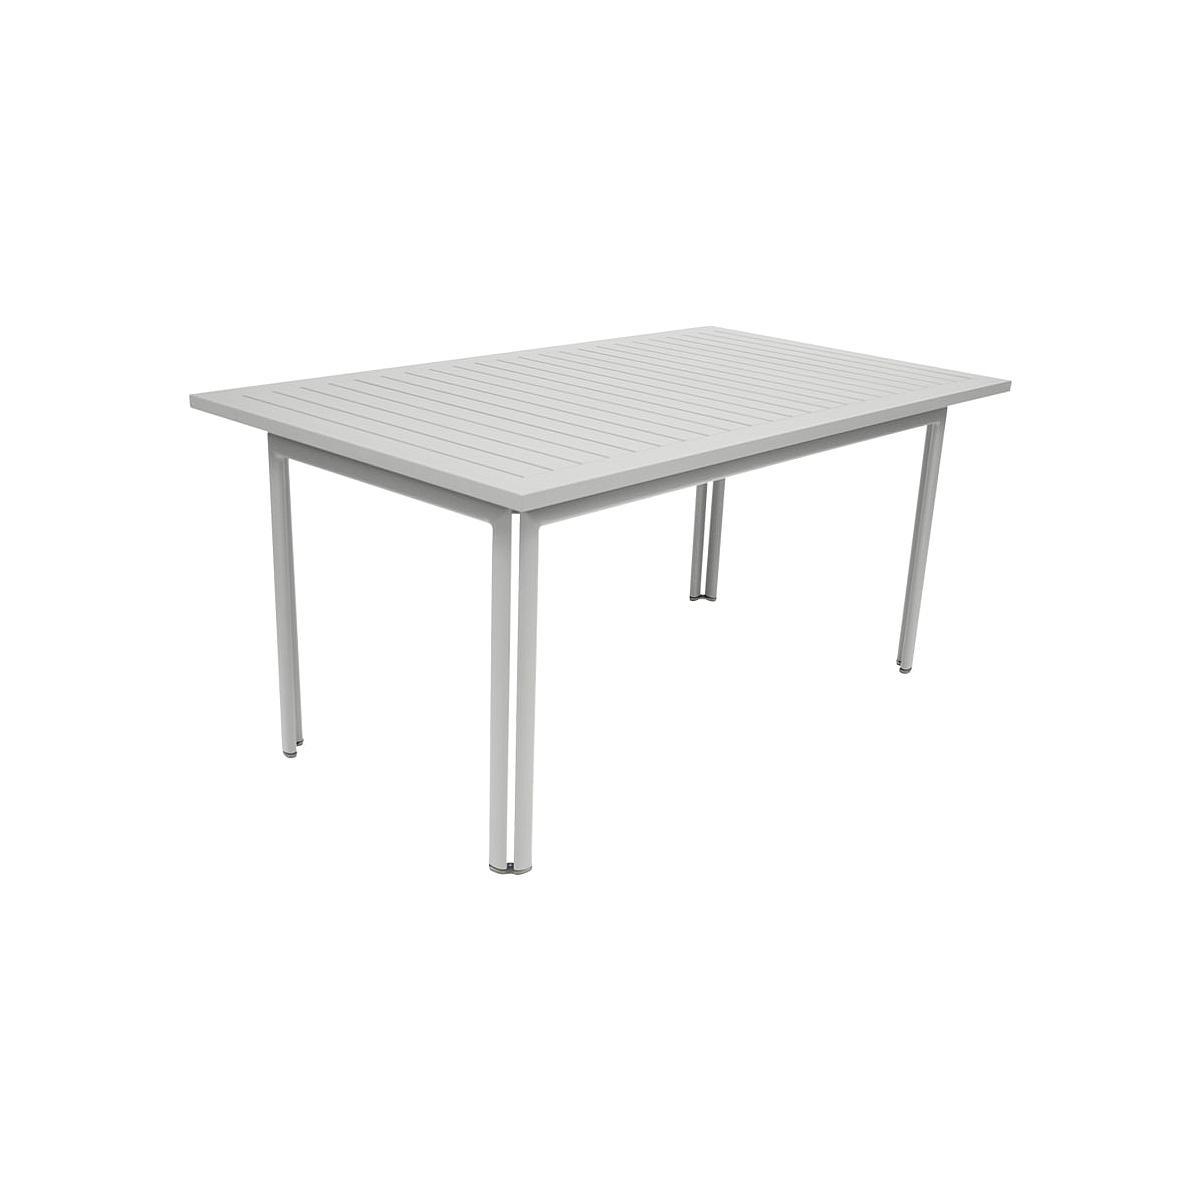 Table de jardin COSTA FERMOB 160x80cm Gris métal | abitare-living.lu